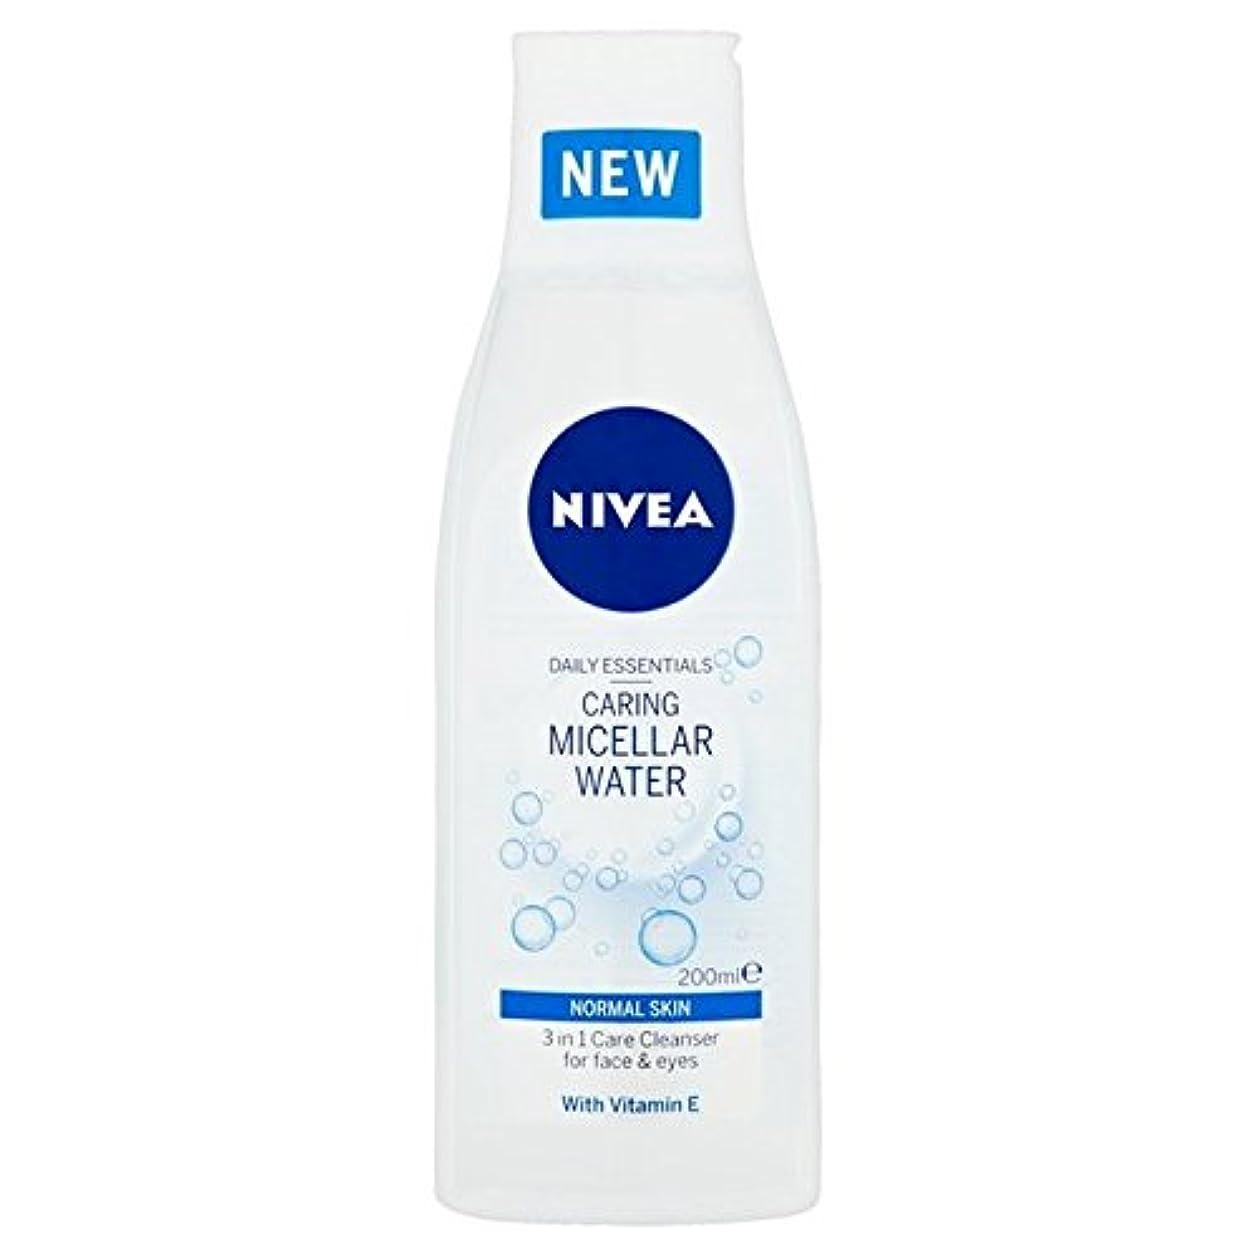 ランタンクリスマス肉屋1つの敏感な思いやりのあるミセル水の正常な皮膚の200ミリリットルでニベア3 x4 - Nivea 3 in 1 Sensitive Caring Micellar Water Normal Skin 200ml (Pack of 4) [並行輸入品]